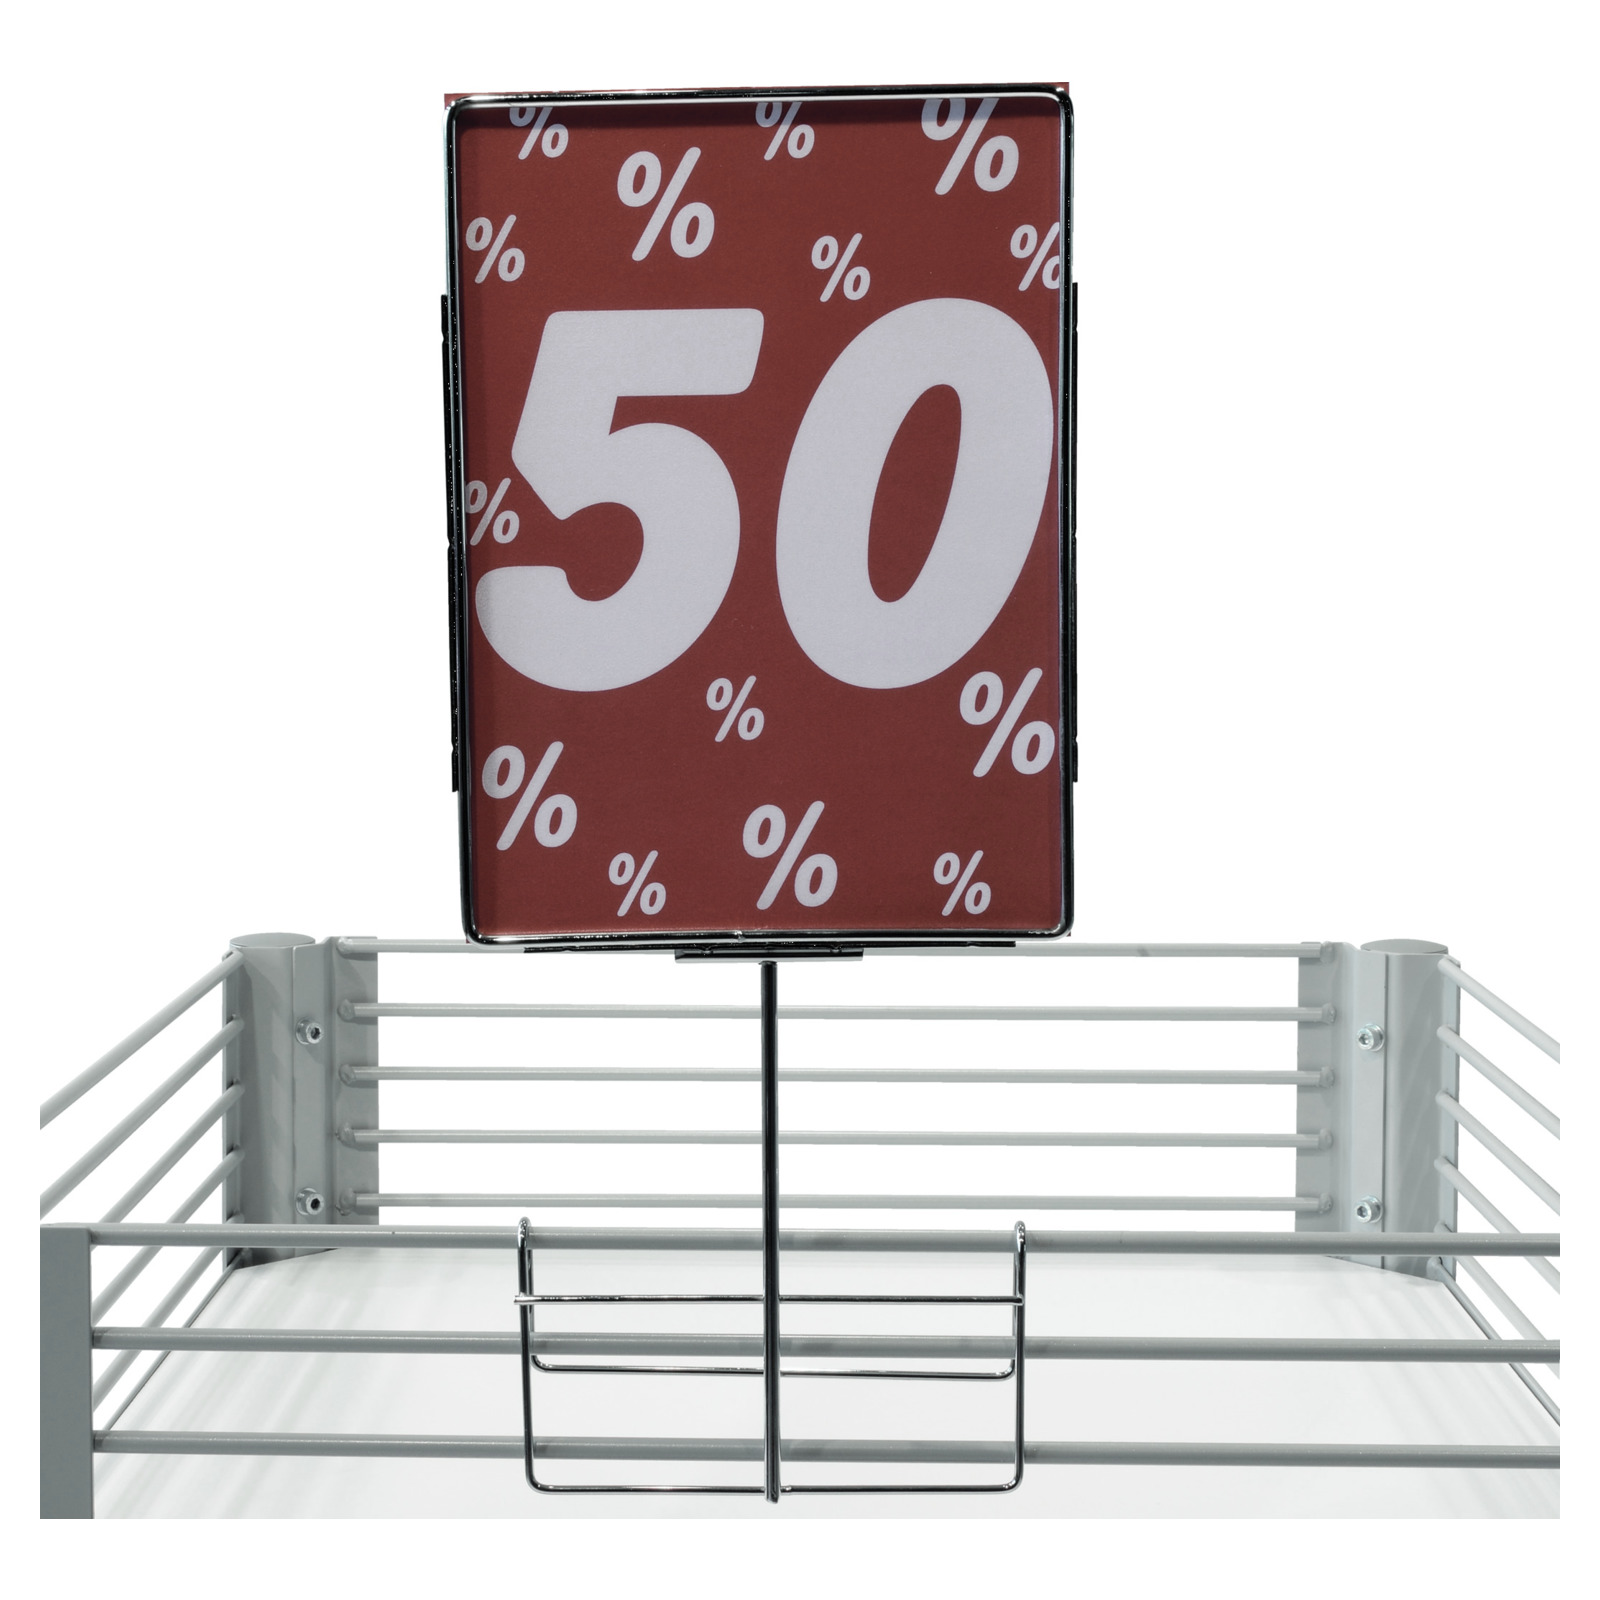 metall plakatrahmen zum aufstecken verchromt. Black Bedroom Furniture Sets. Home Design Ideas